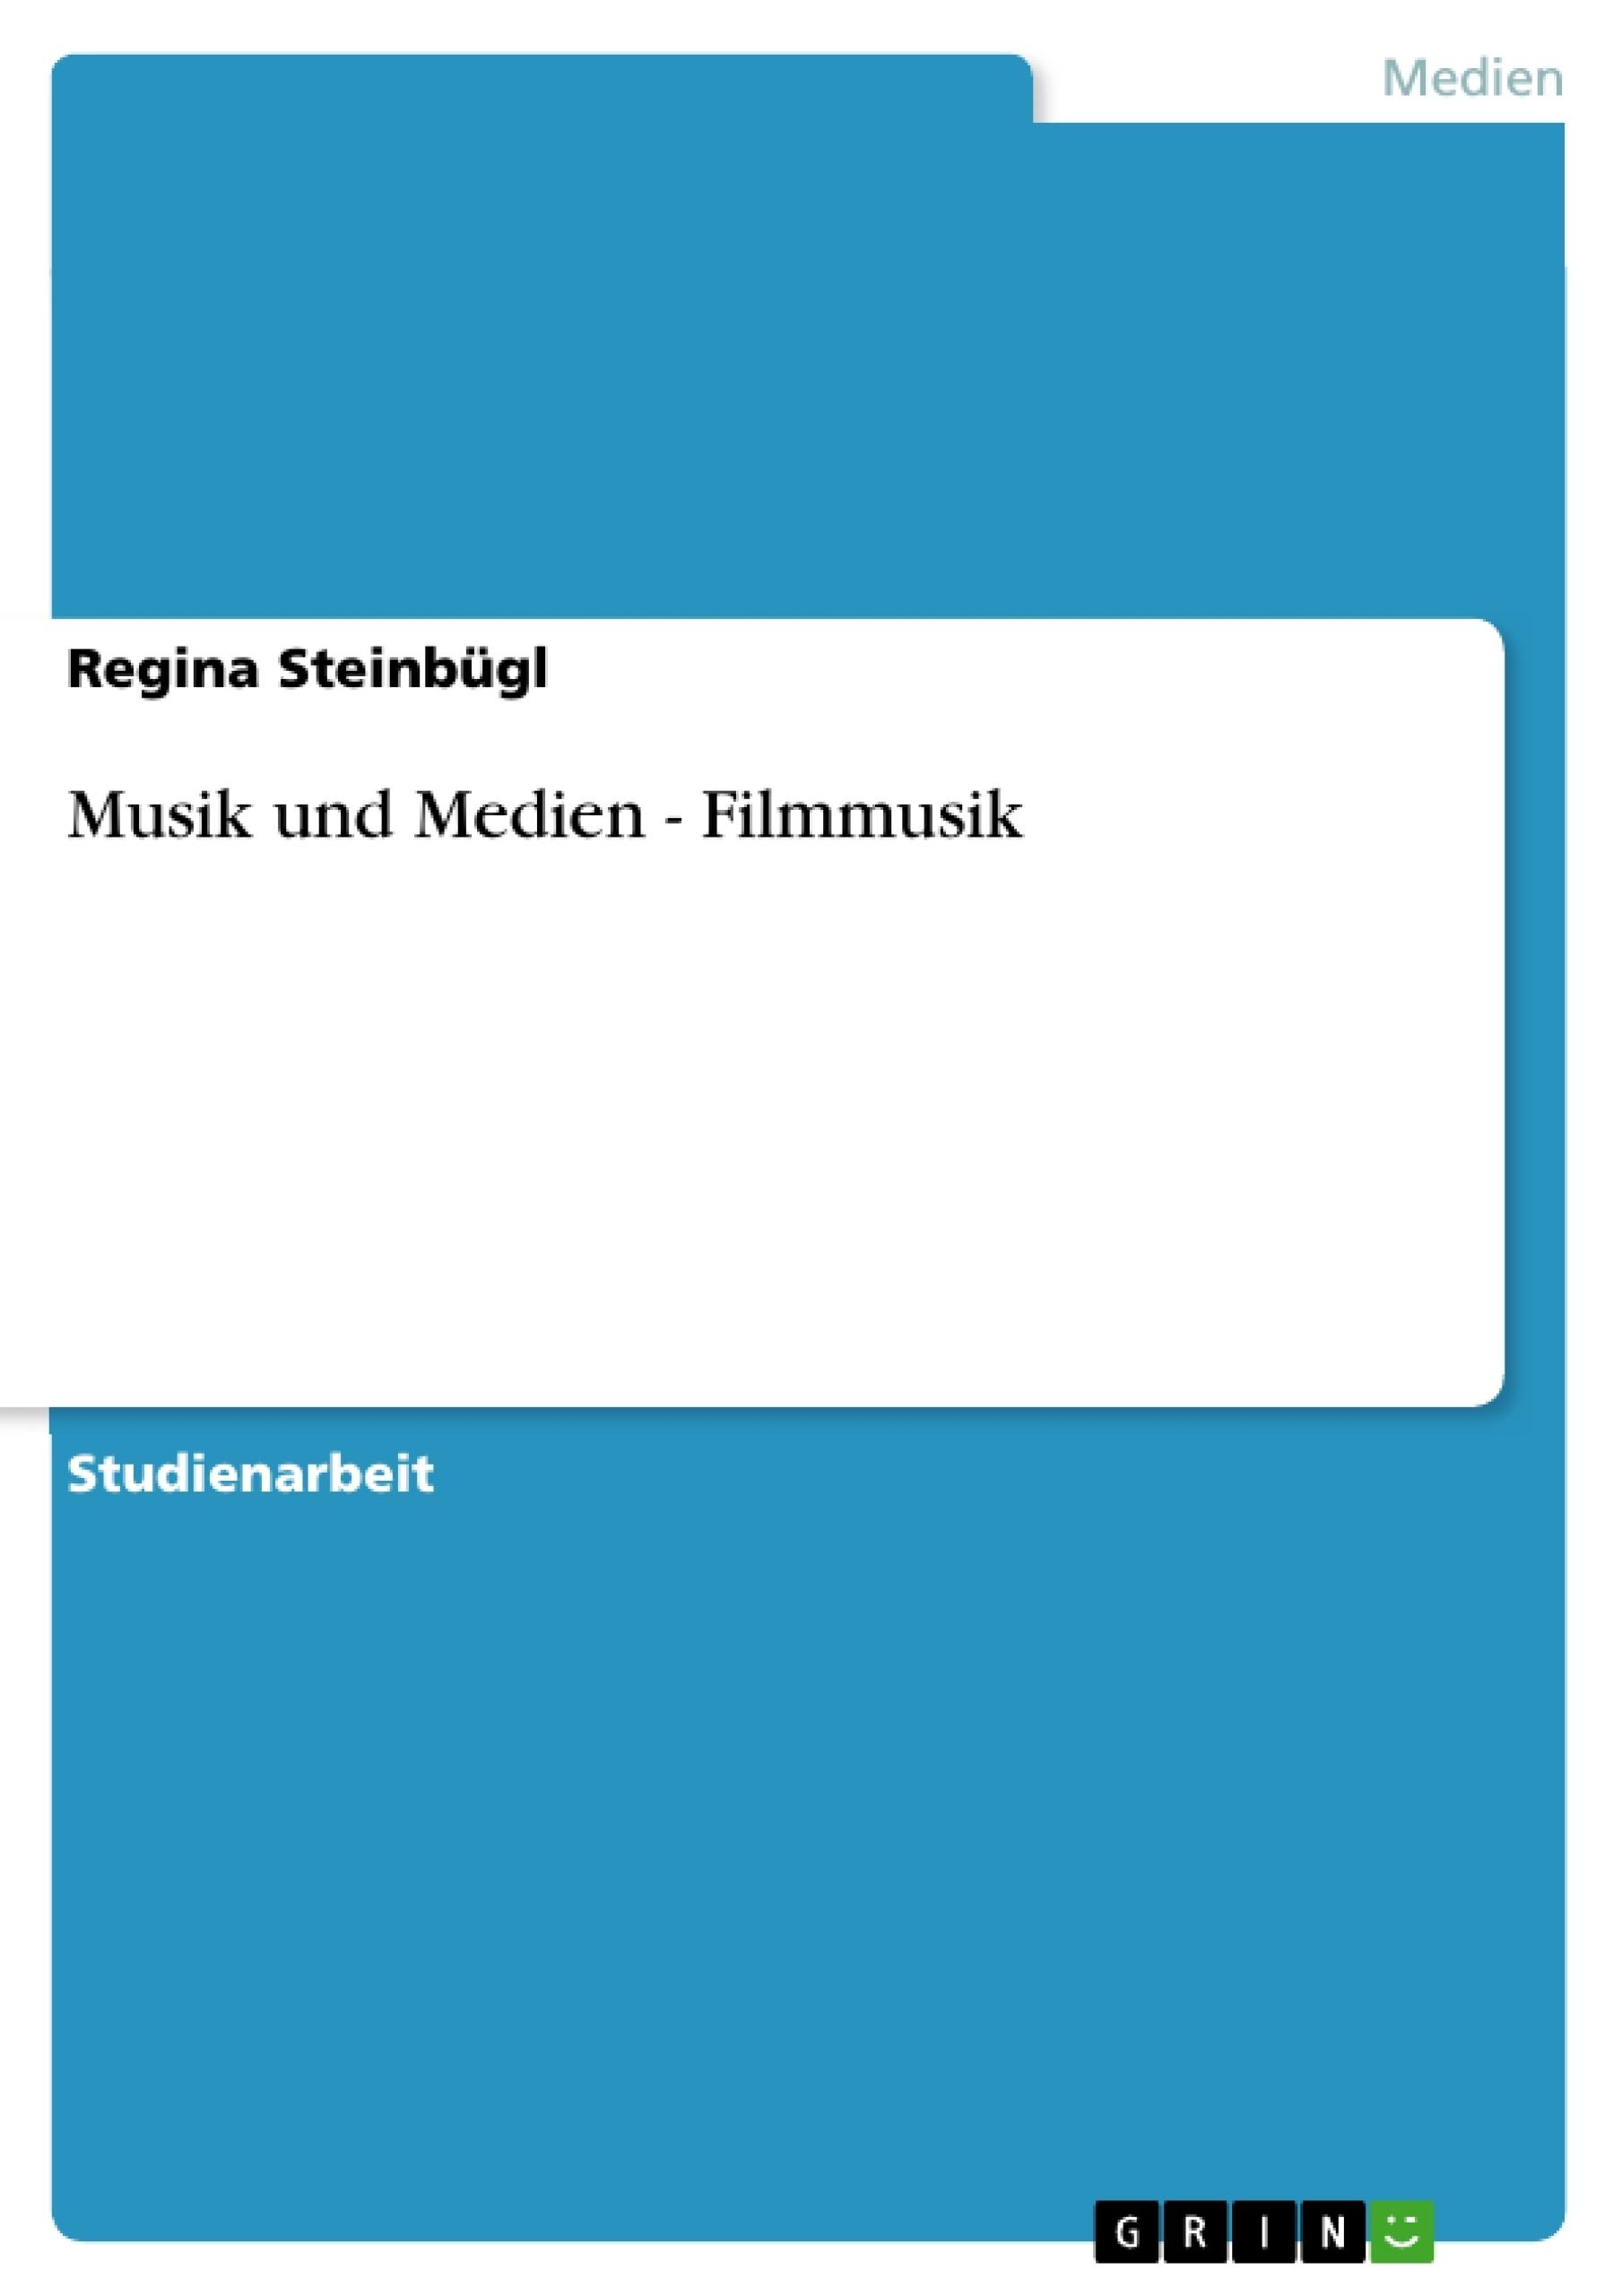 Titel: Musik und Medien - Filmmusik